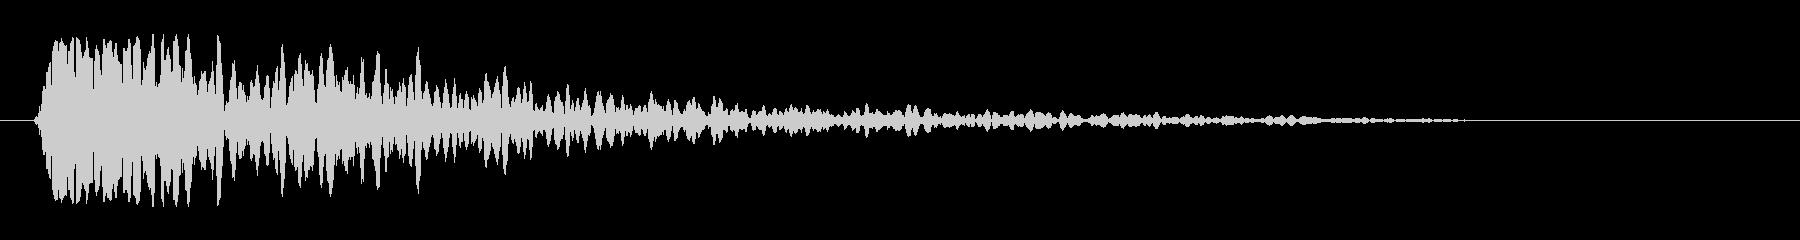 ドン・バンというシンプルな音の未再生の波形